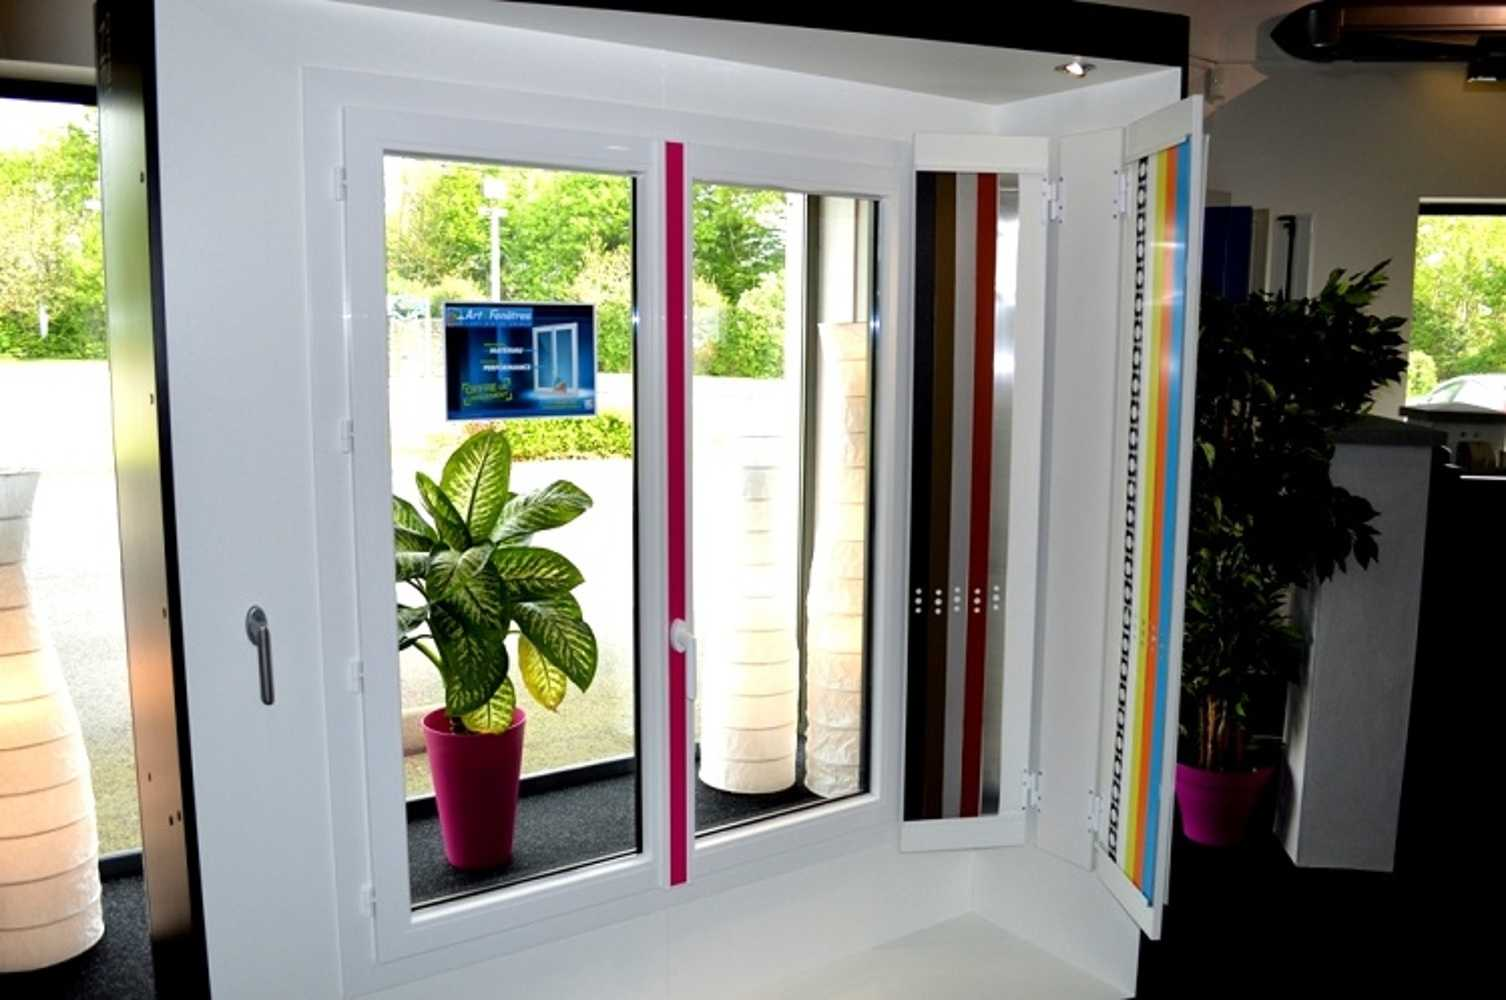 Fenêtre Art design PVC 0